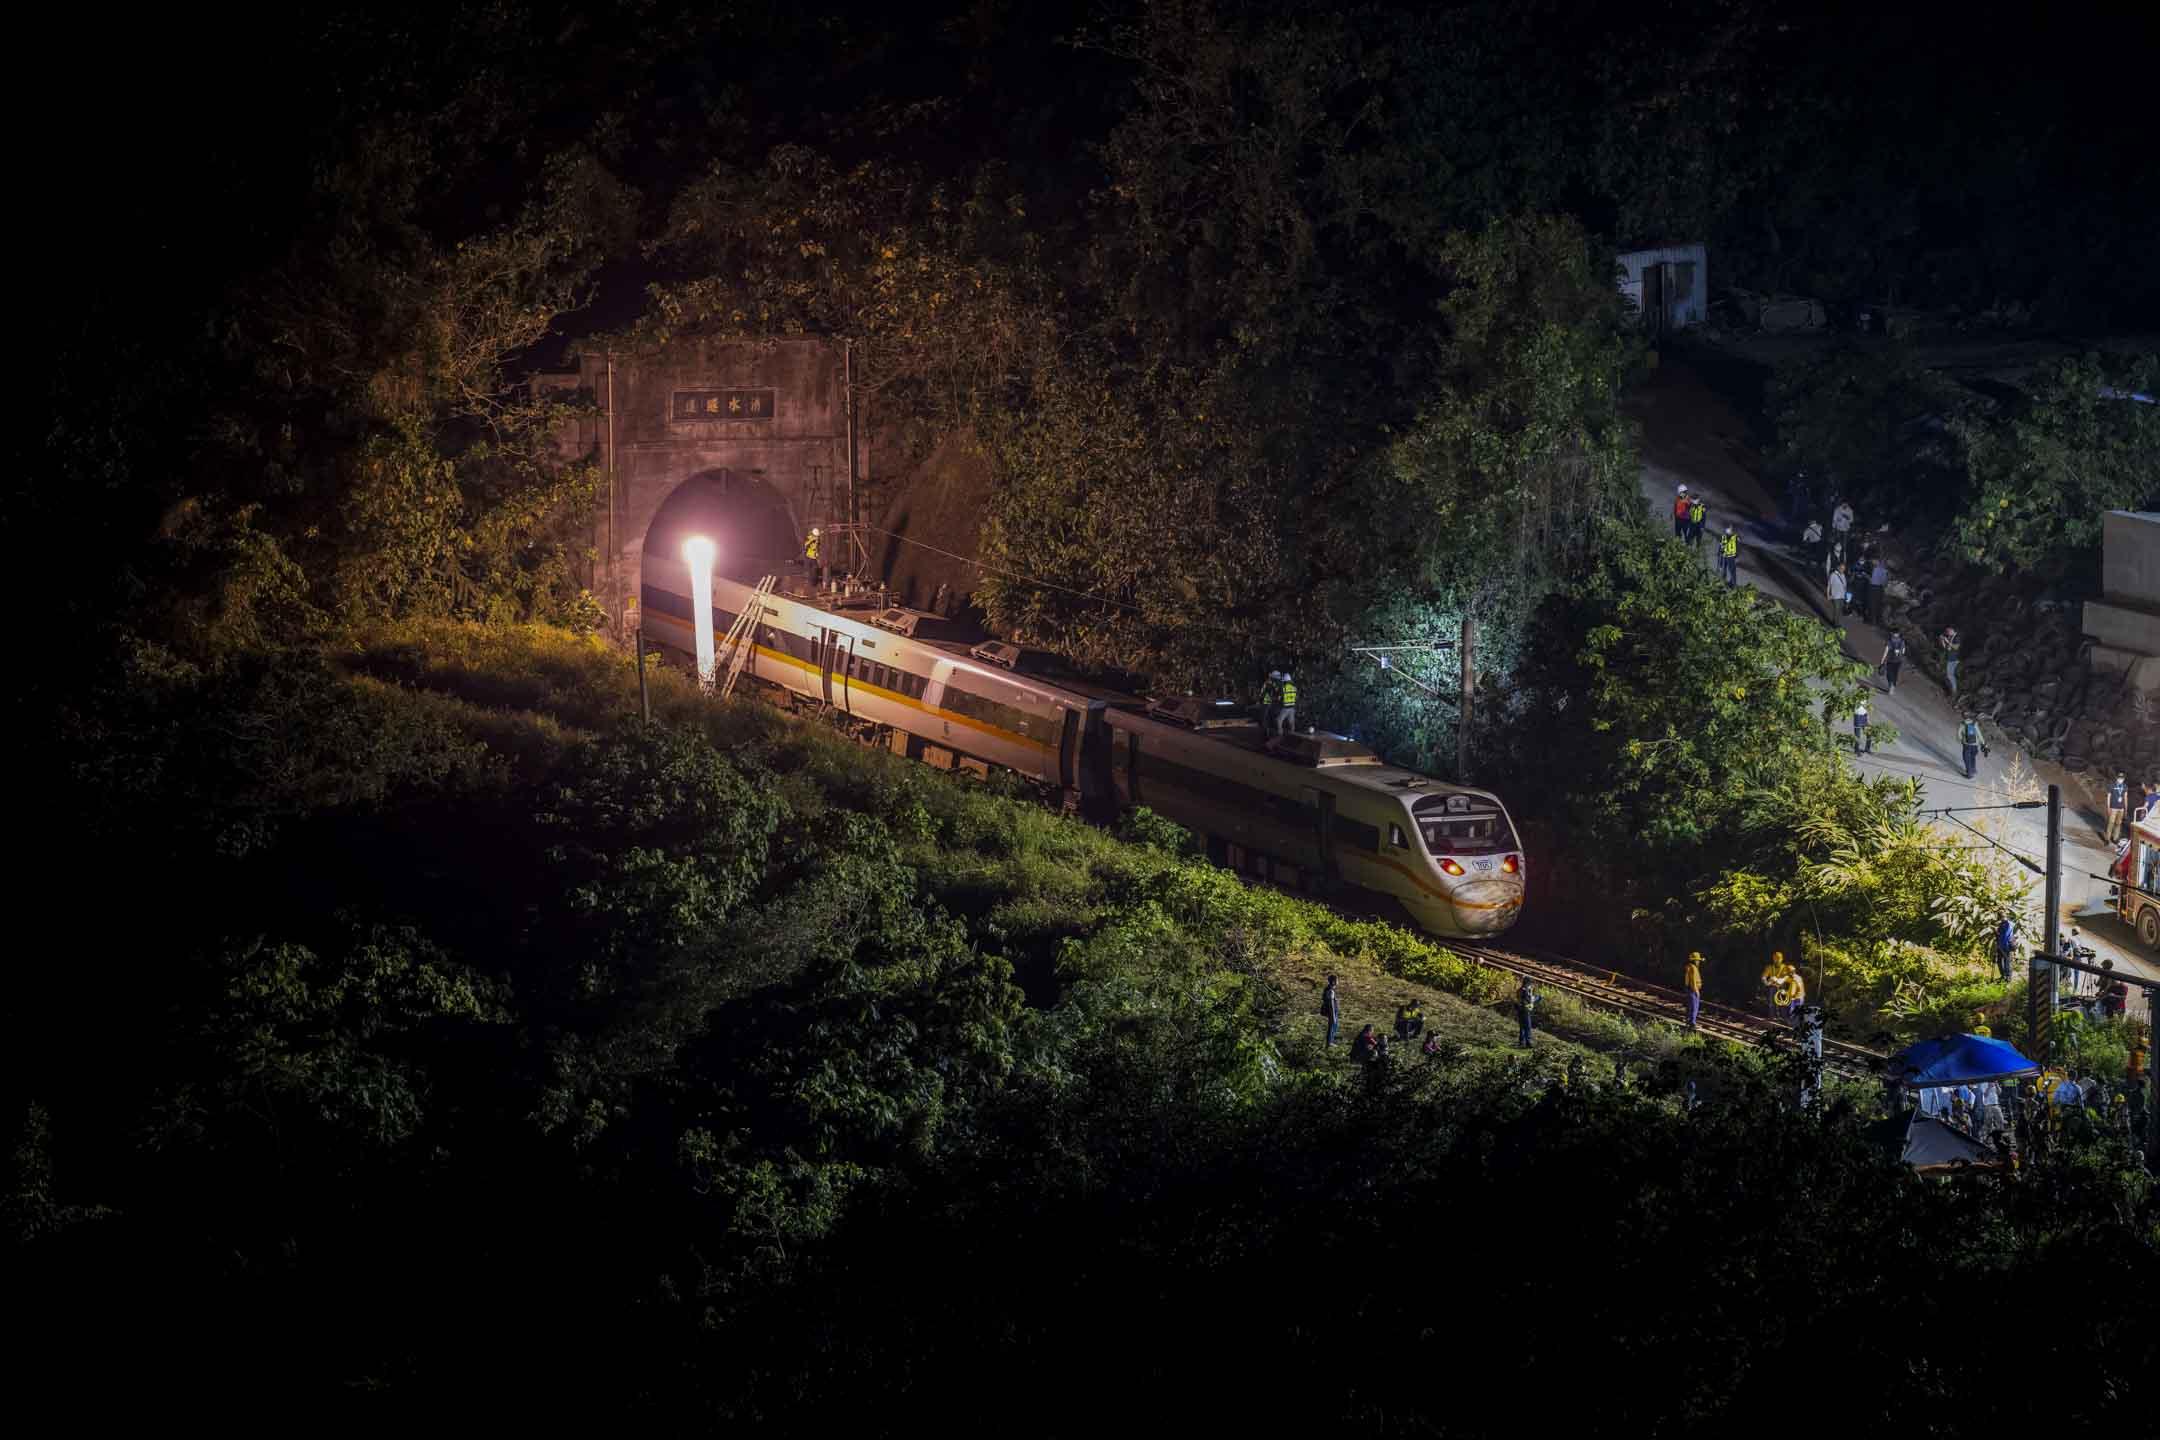 2021年4月2日,花蓮台鐵「太魯閣號」脫軌事故的現場。